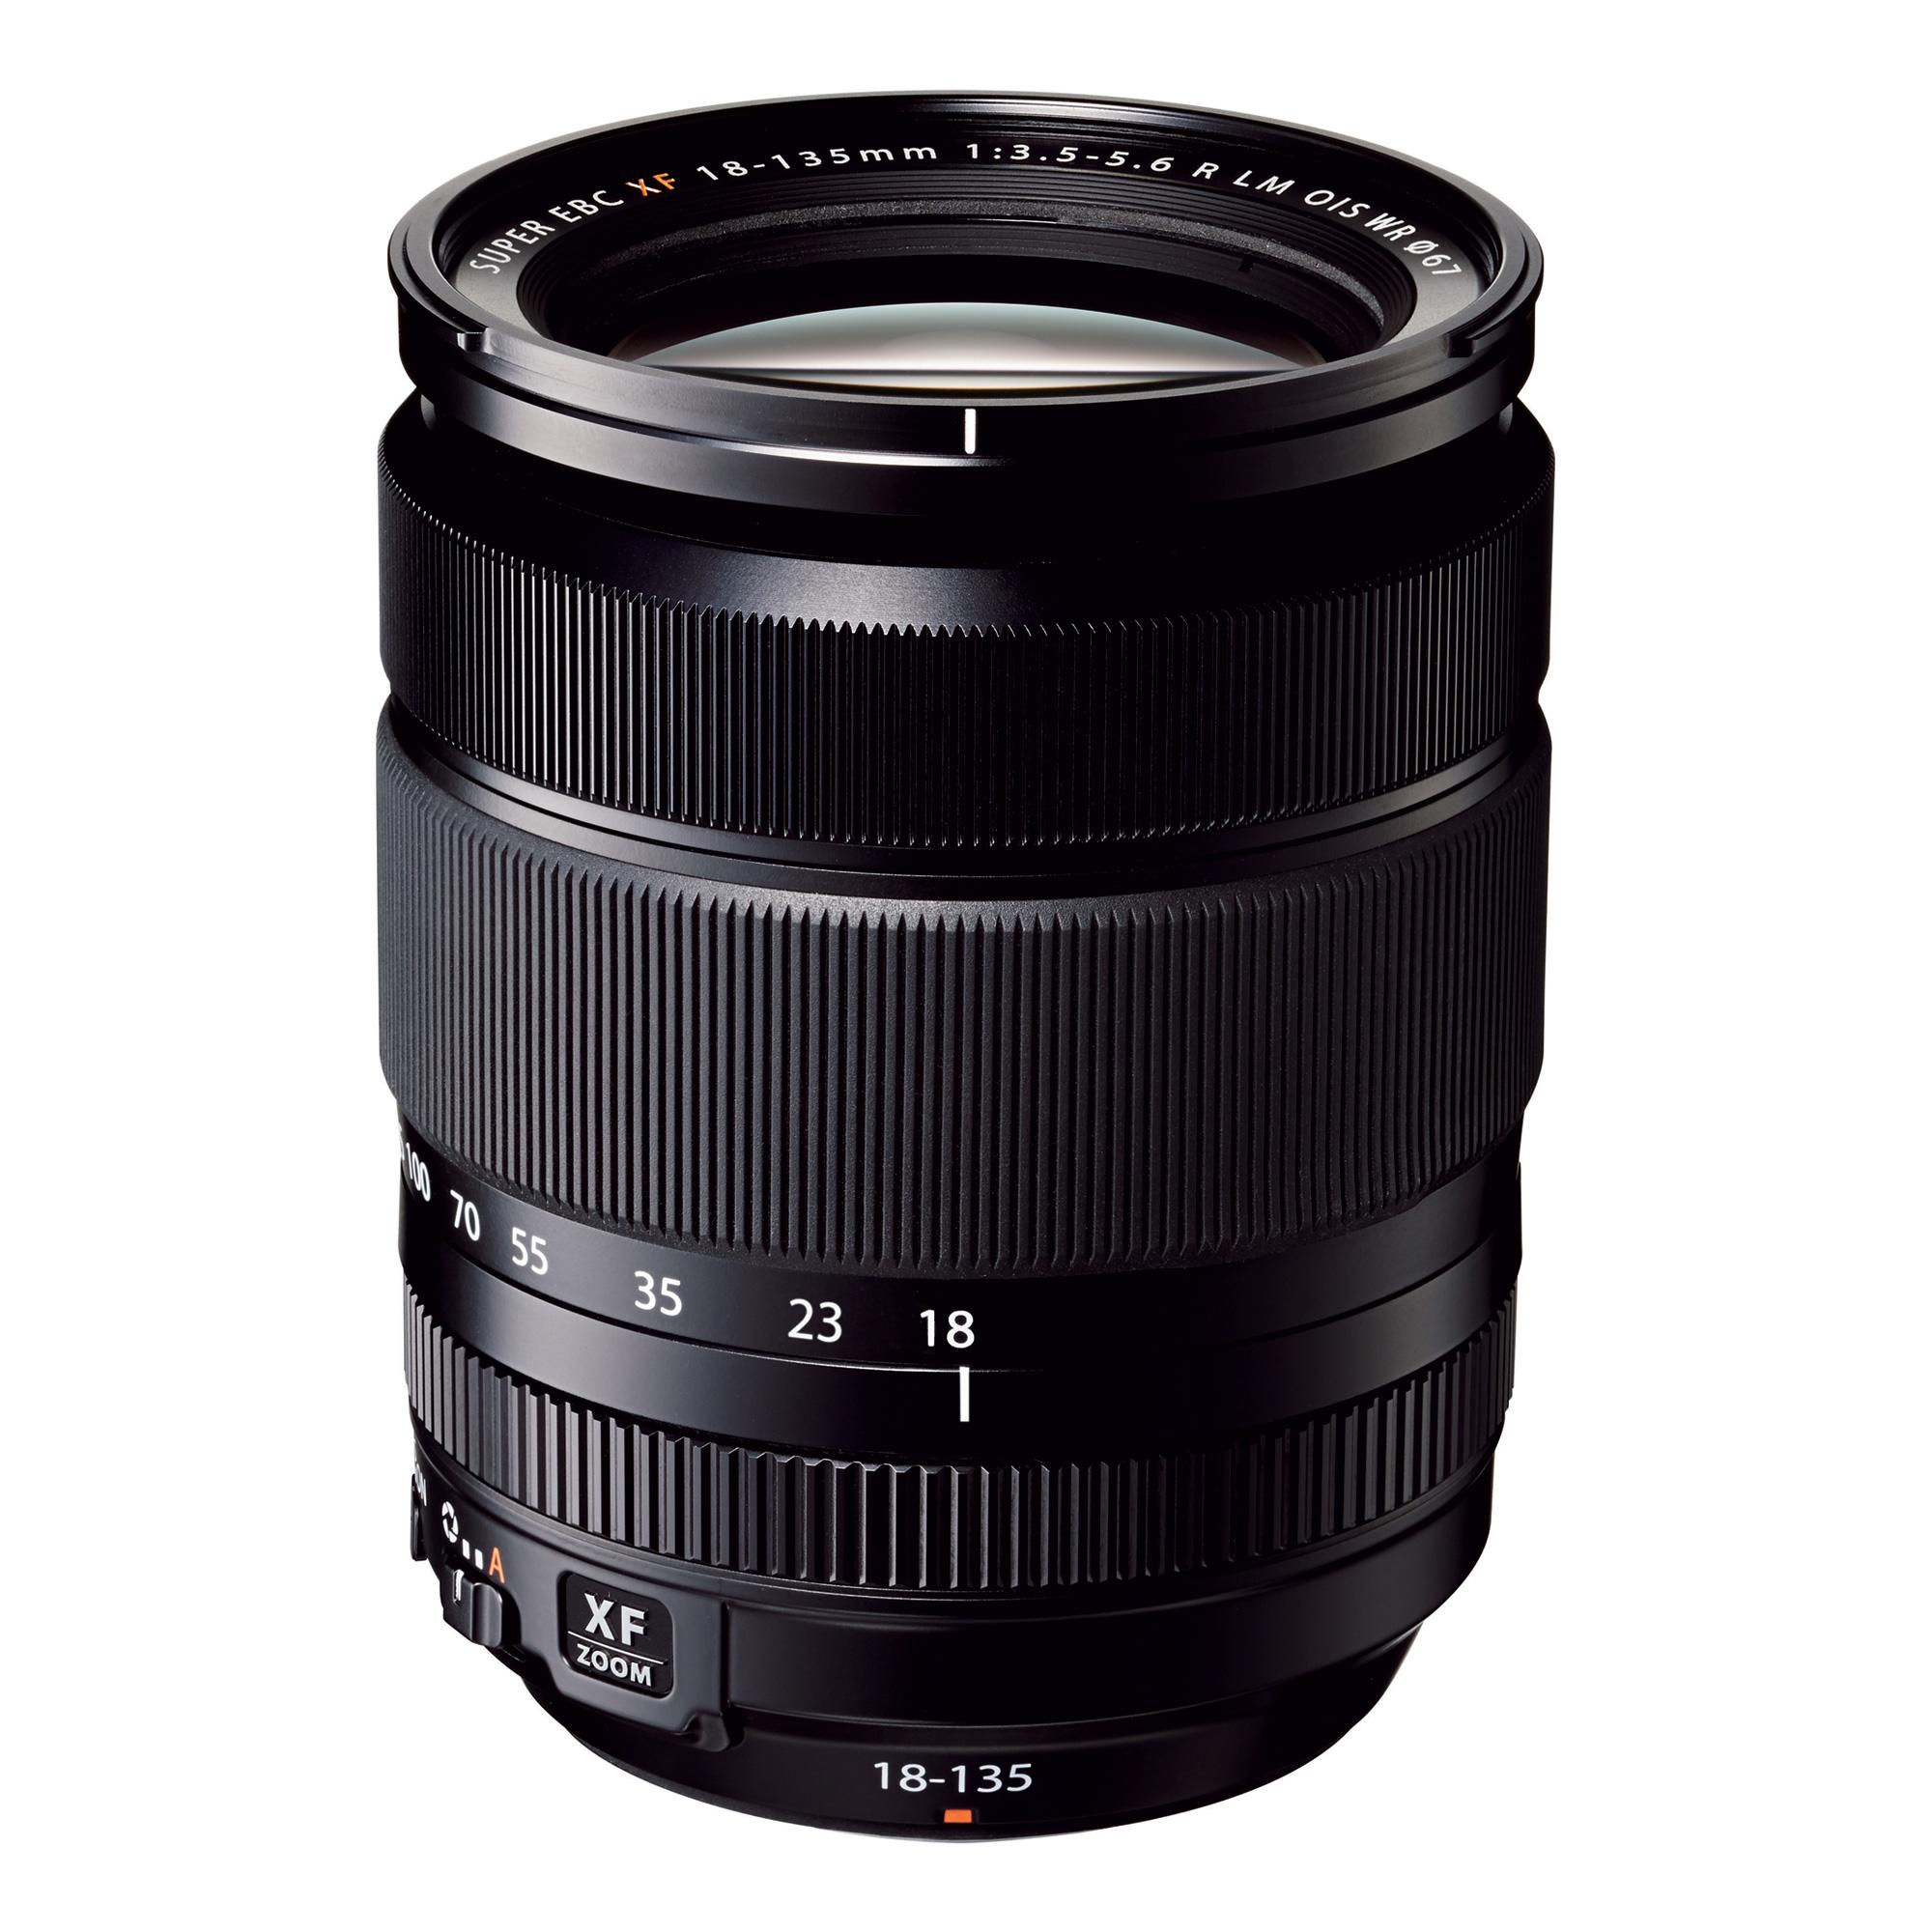 Image of Fujifilm FUJINON XF 18-135mm f/3.5-5.6 R LM OIS WR Lens